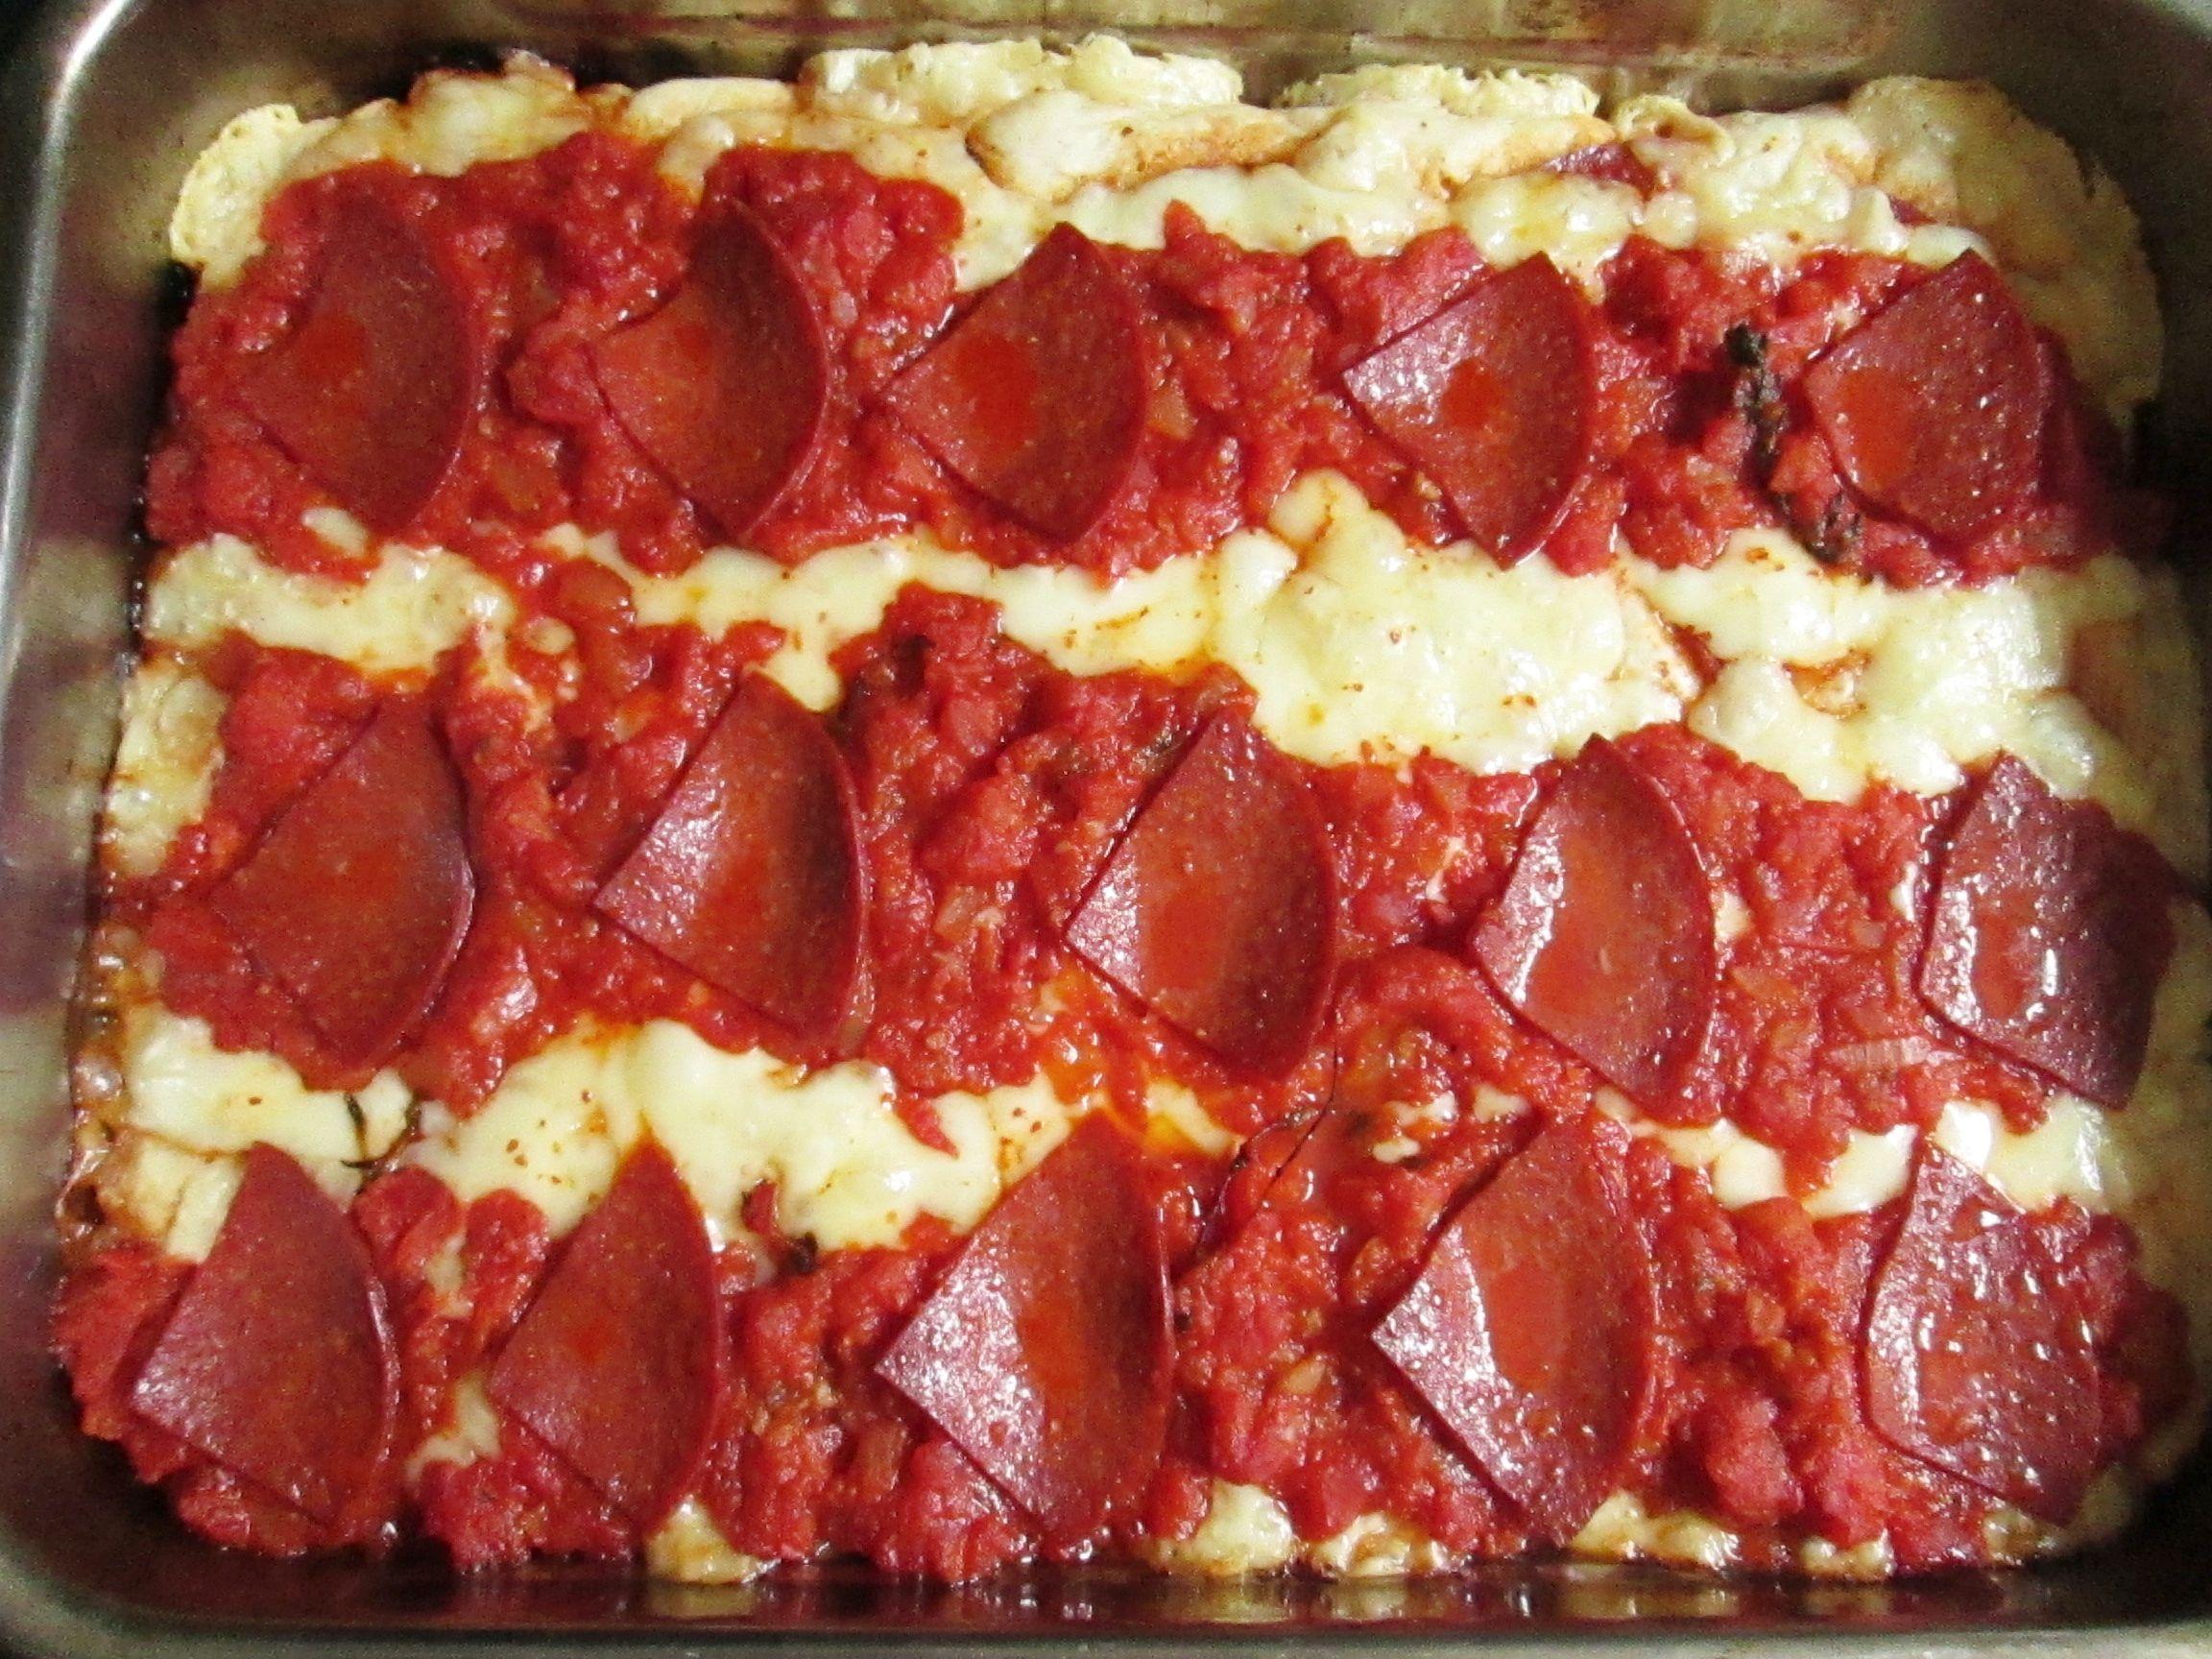 d774f1078fab1 Akú už len v Amerike vedia robiť pizzu. No neviem, jediné americké, ktoré  som jedla boli v Mníchove v PizzeHut a pravdupovediac nechutili mi.